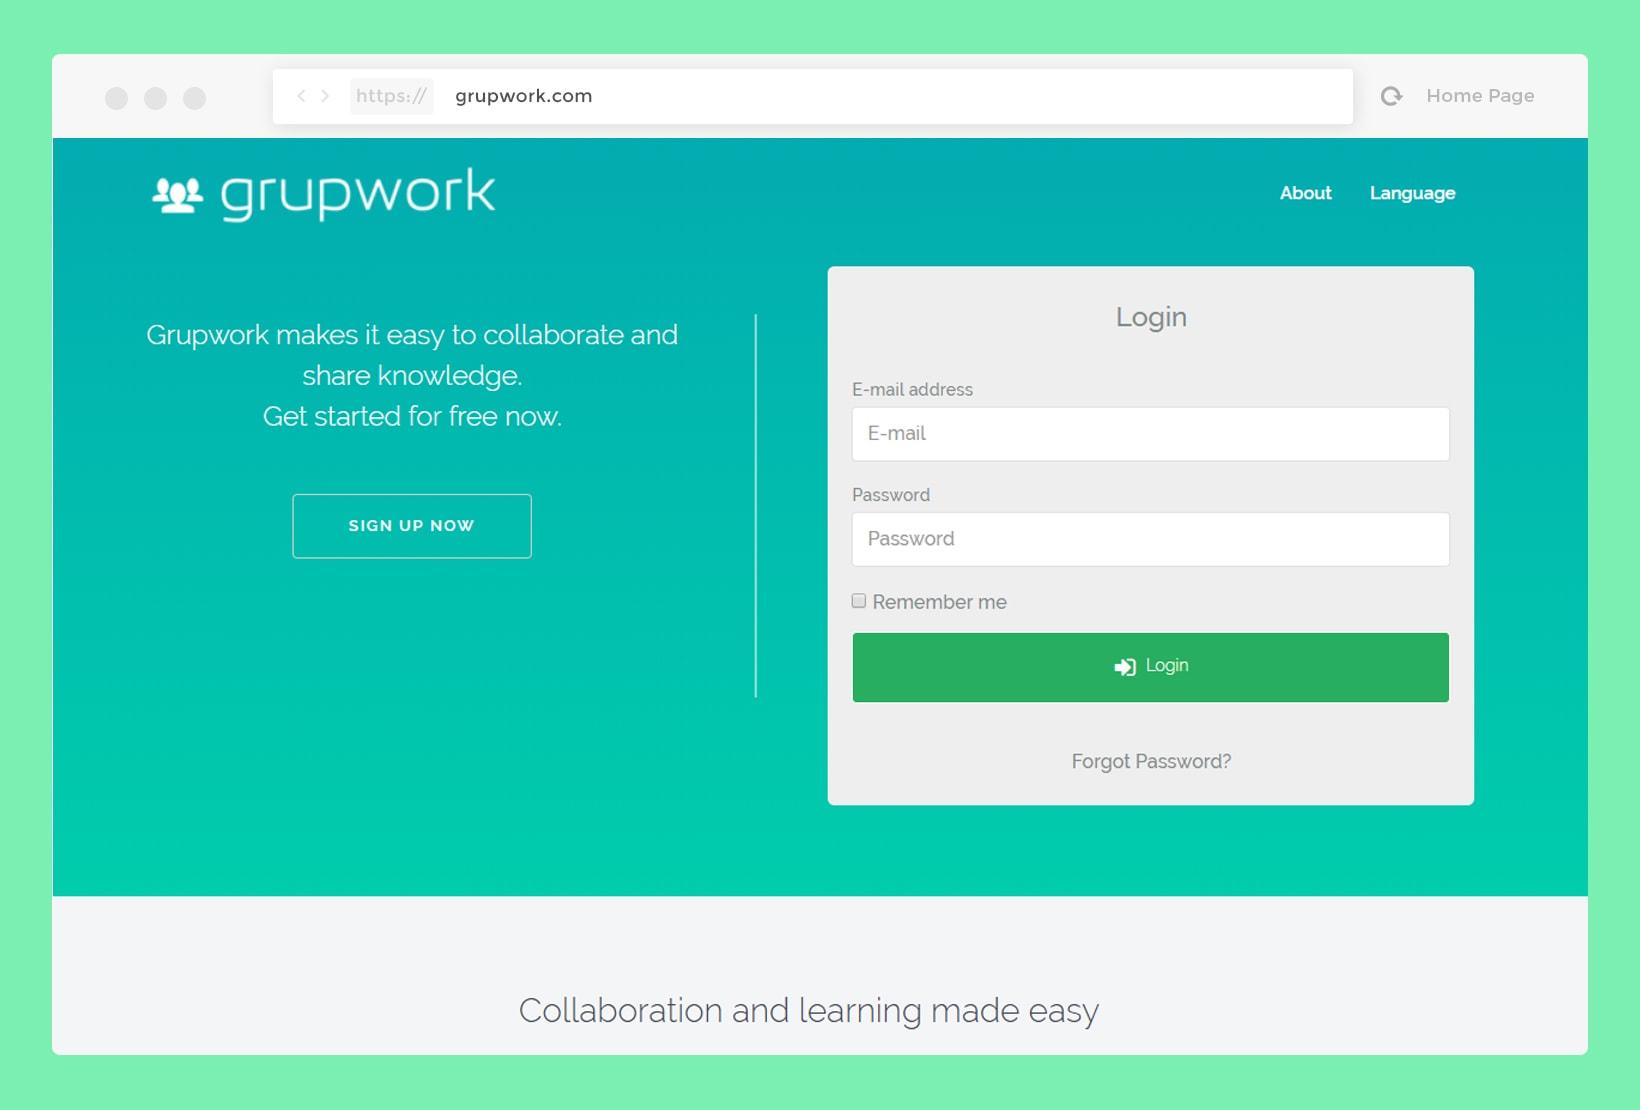 Grupwork.com